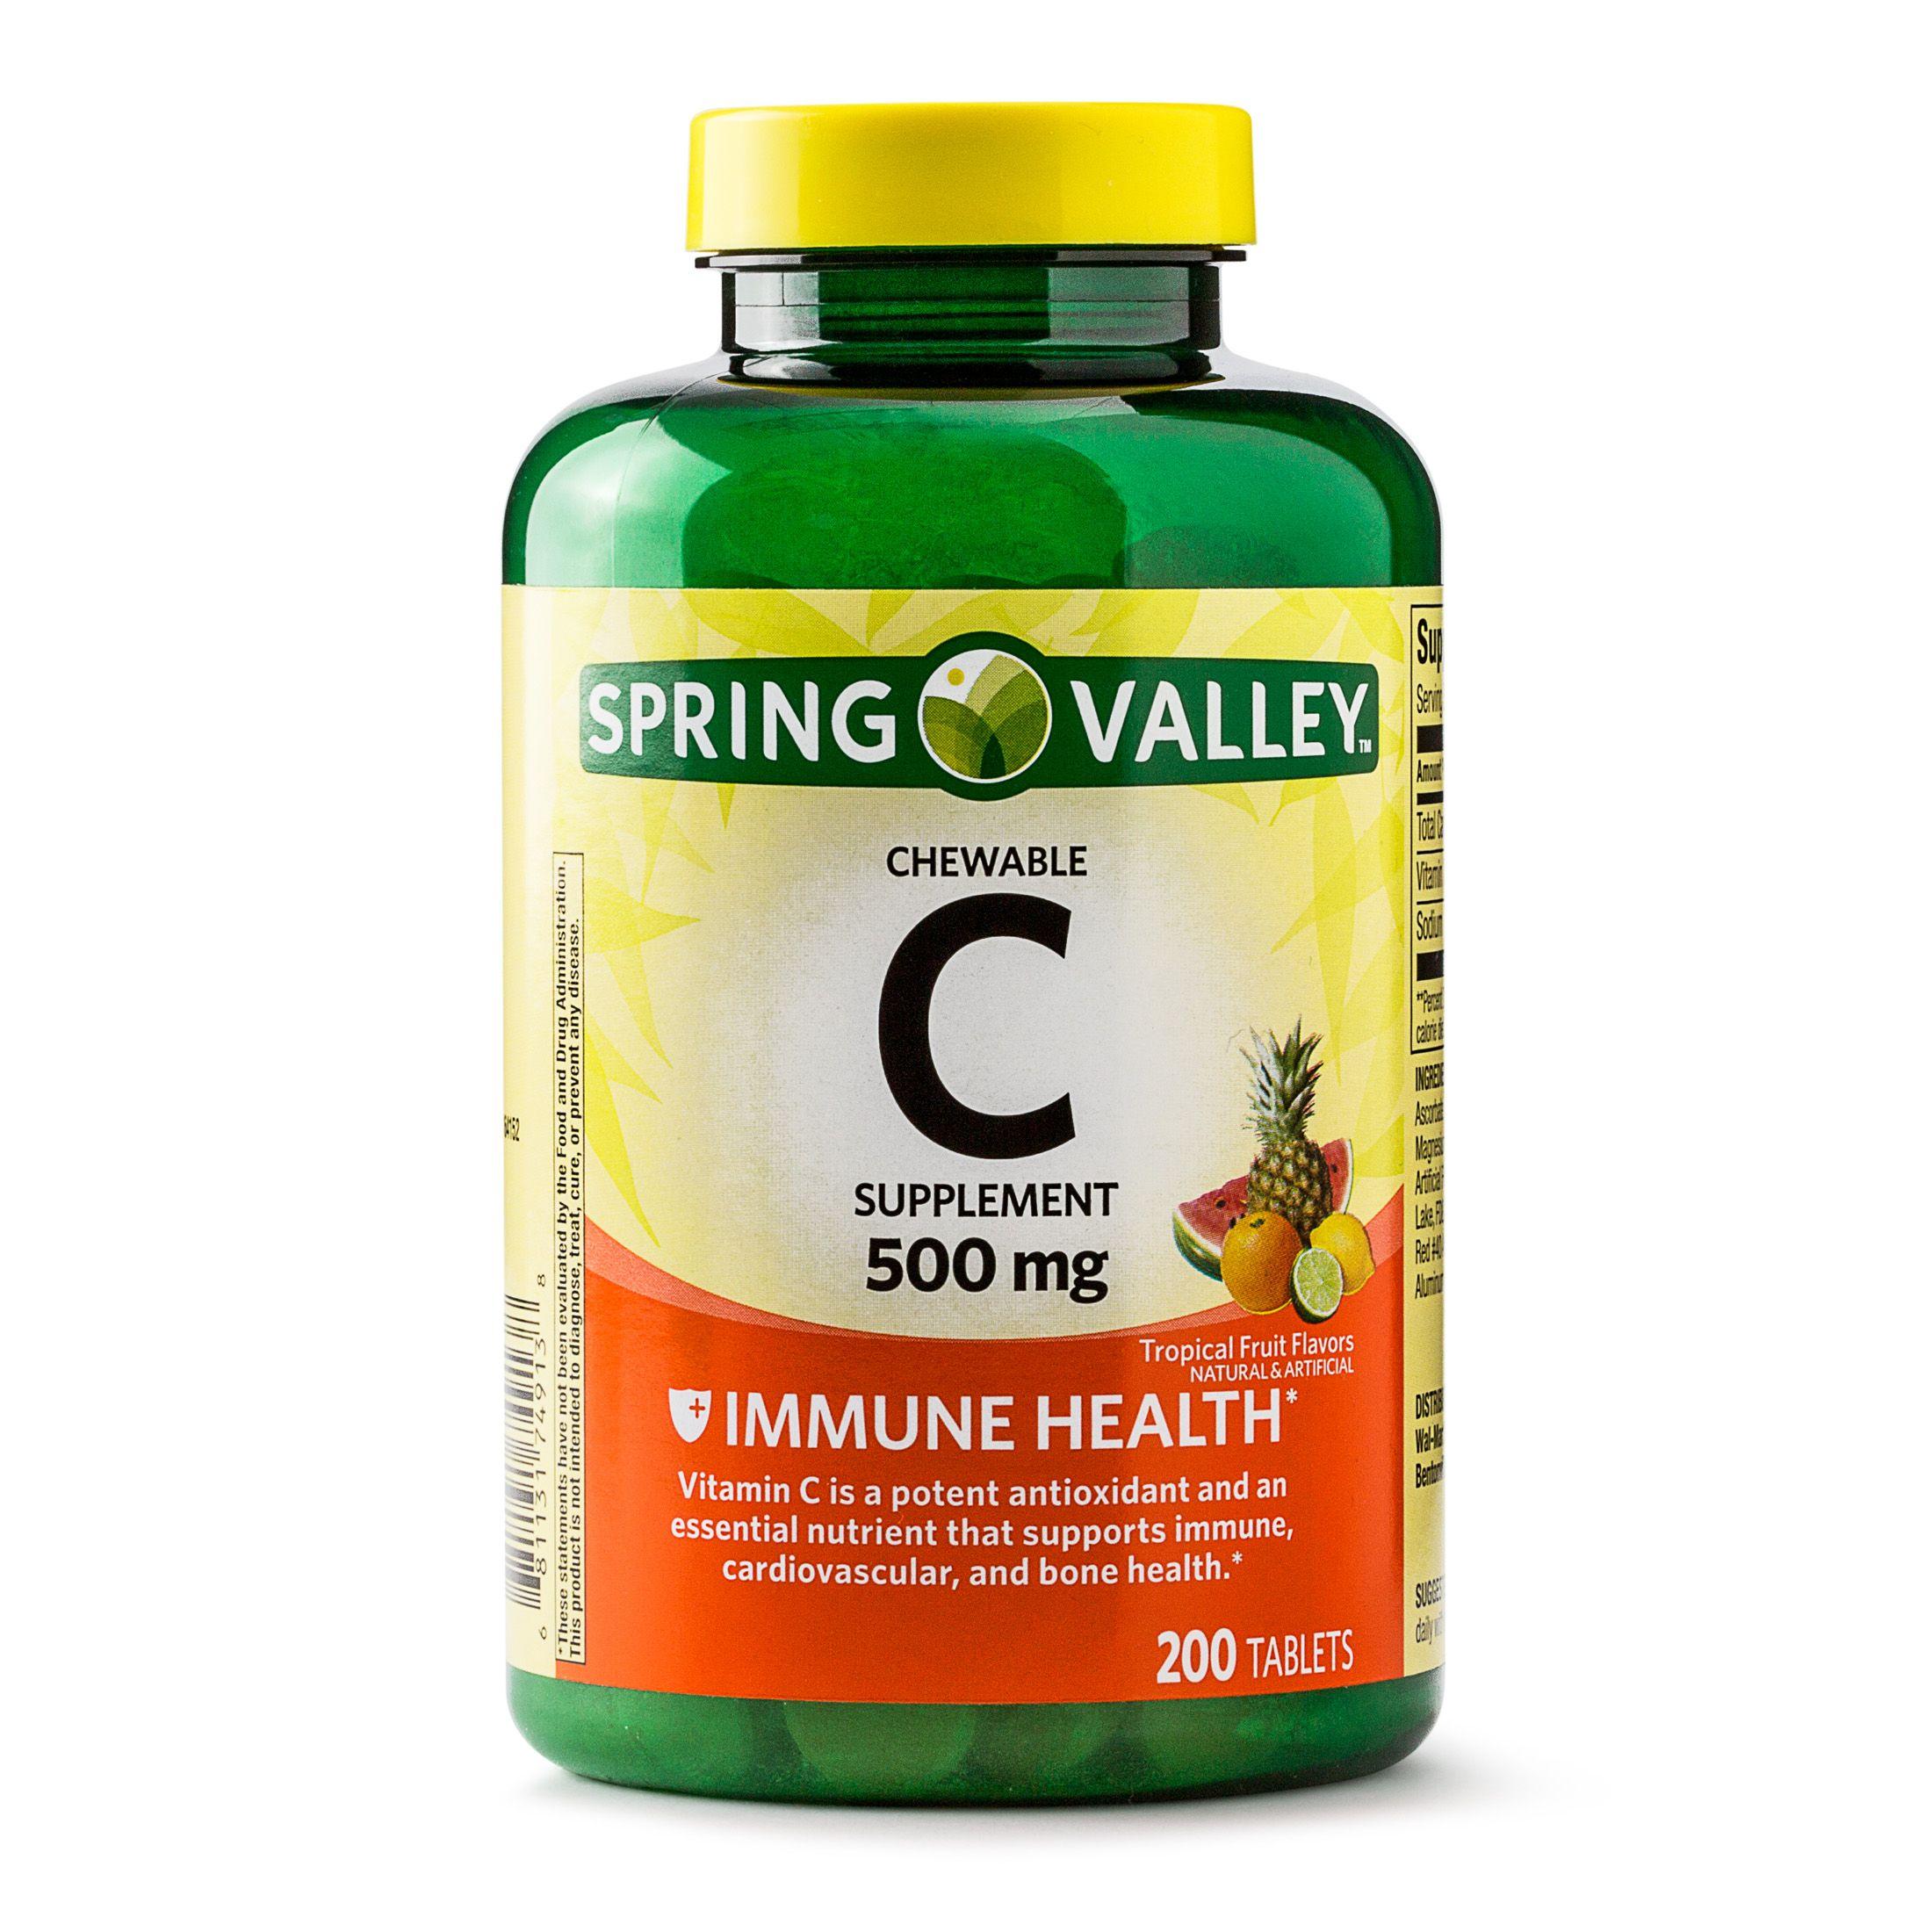 Health Vitamin c tablets, Vitamins, Spring valley